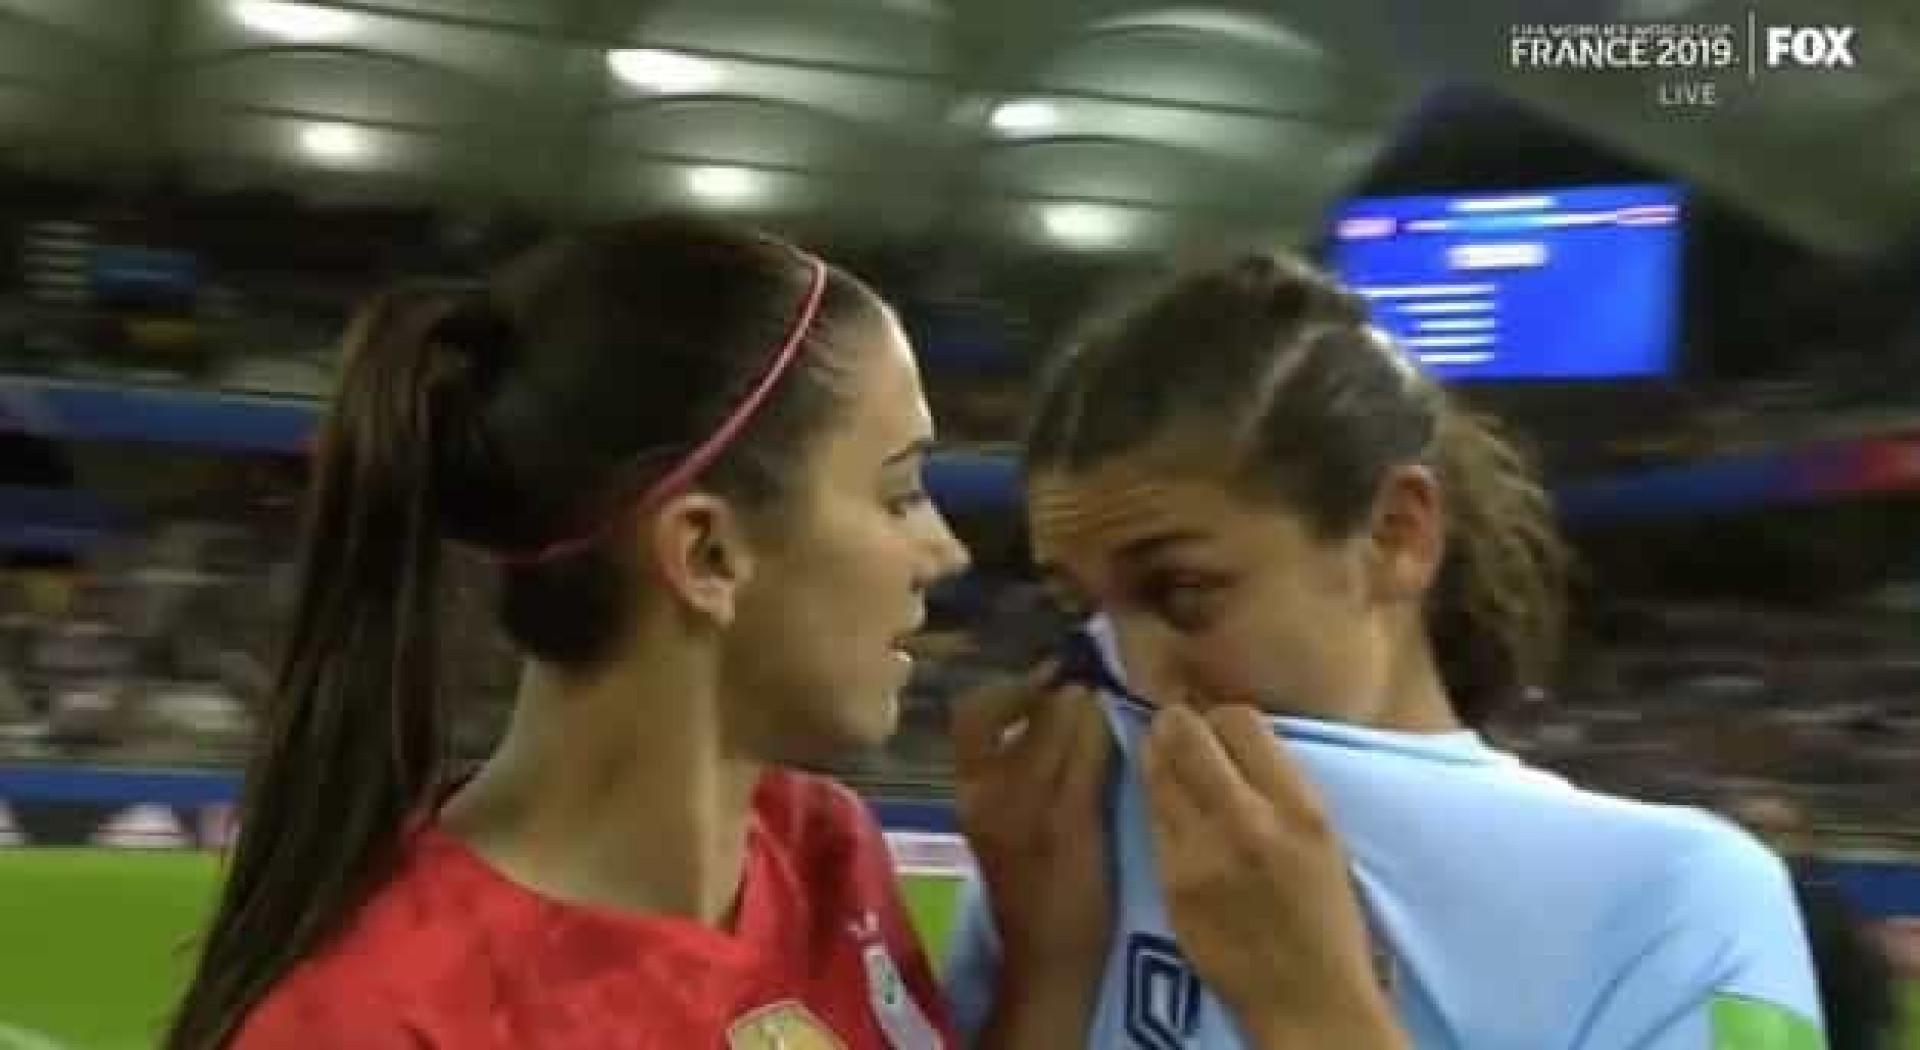 Após marcar cinco golos, Alex Morgan consolou tailandesas em lágrimas